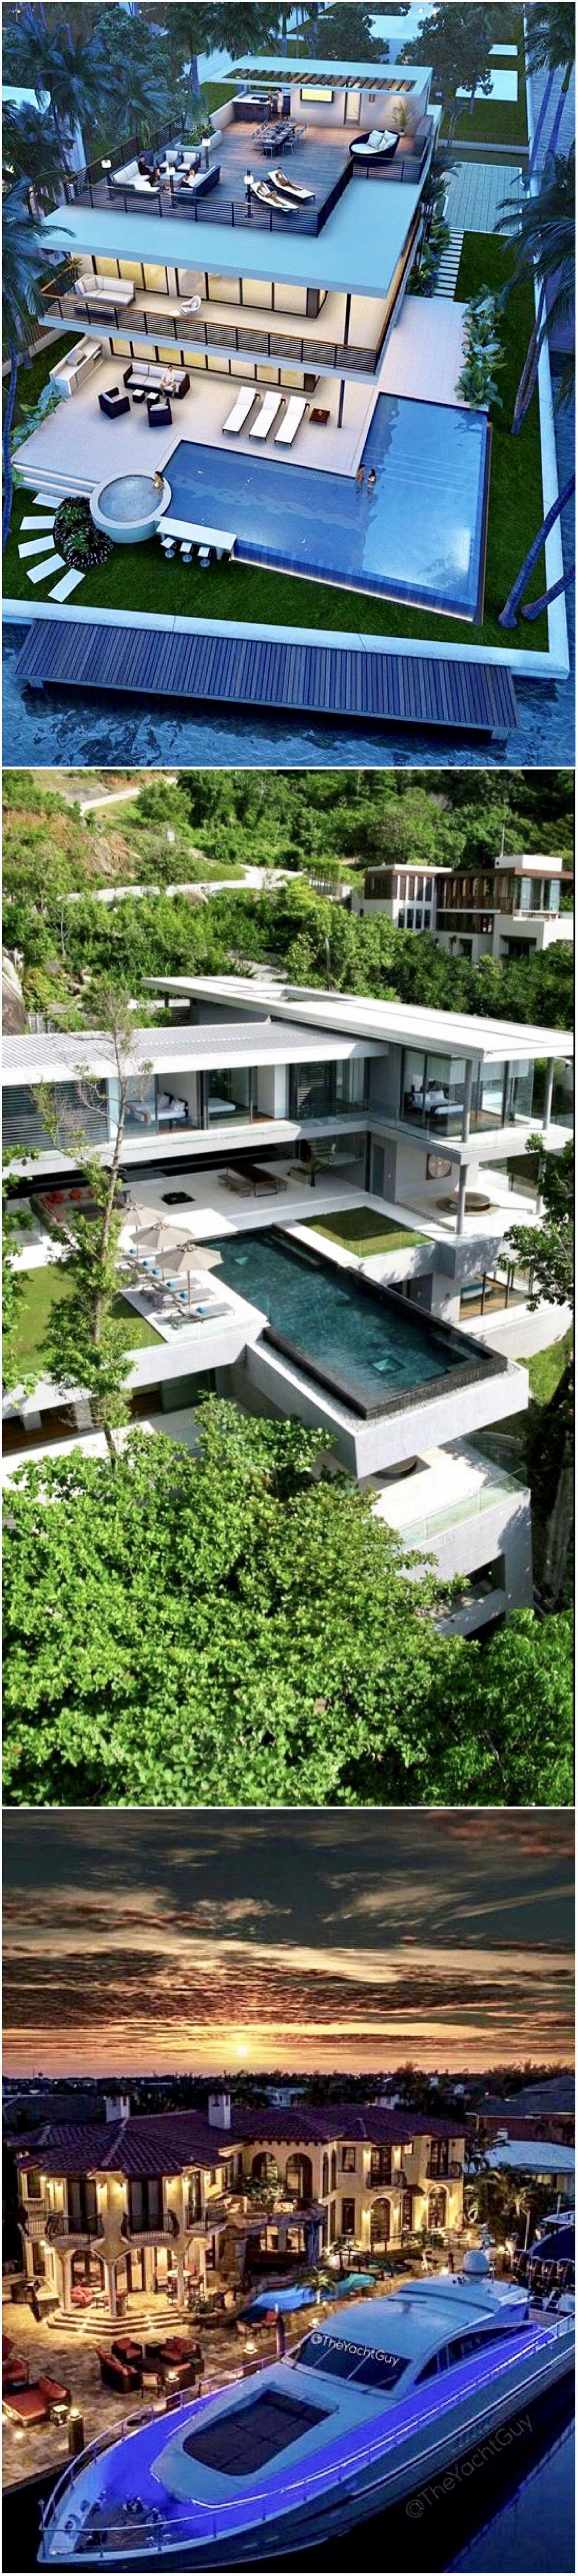 91 Stunning Mansion Dreams Homes | Architektur, Moderne häuser und ...